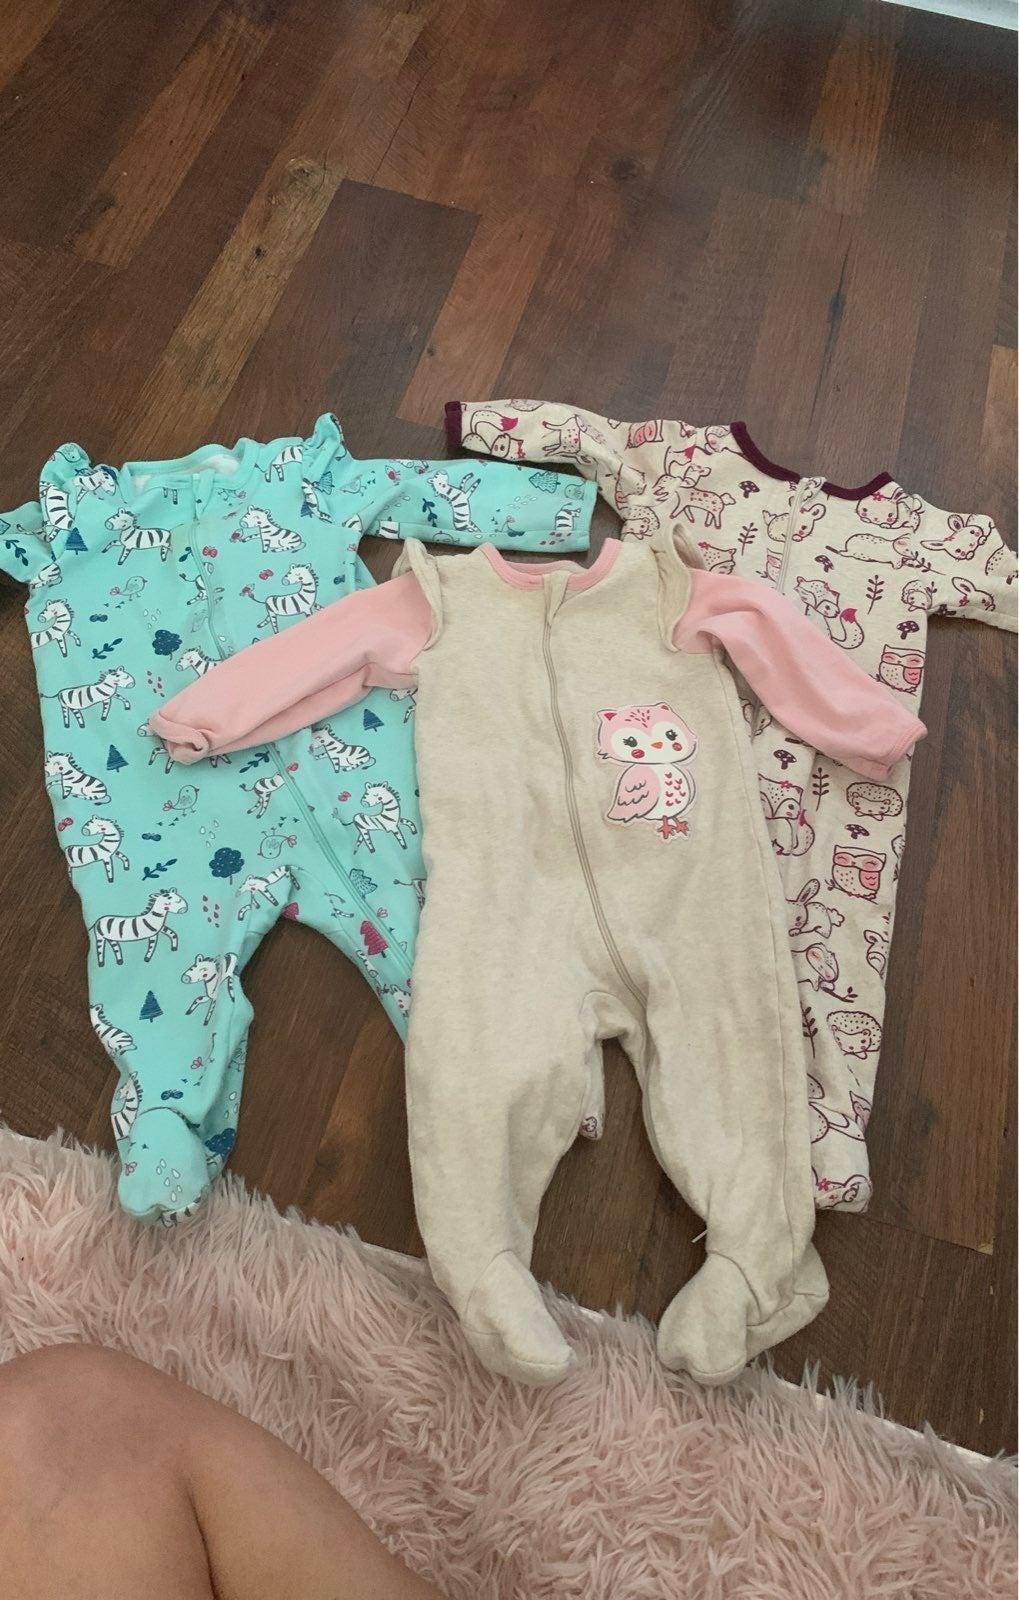 3 Baby onesies